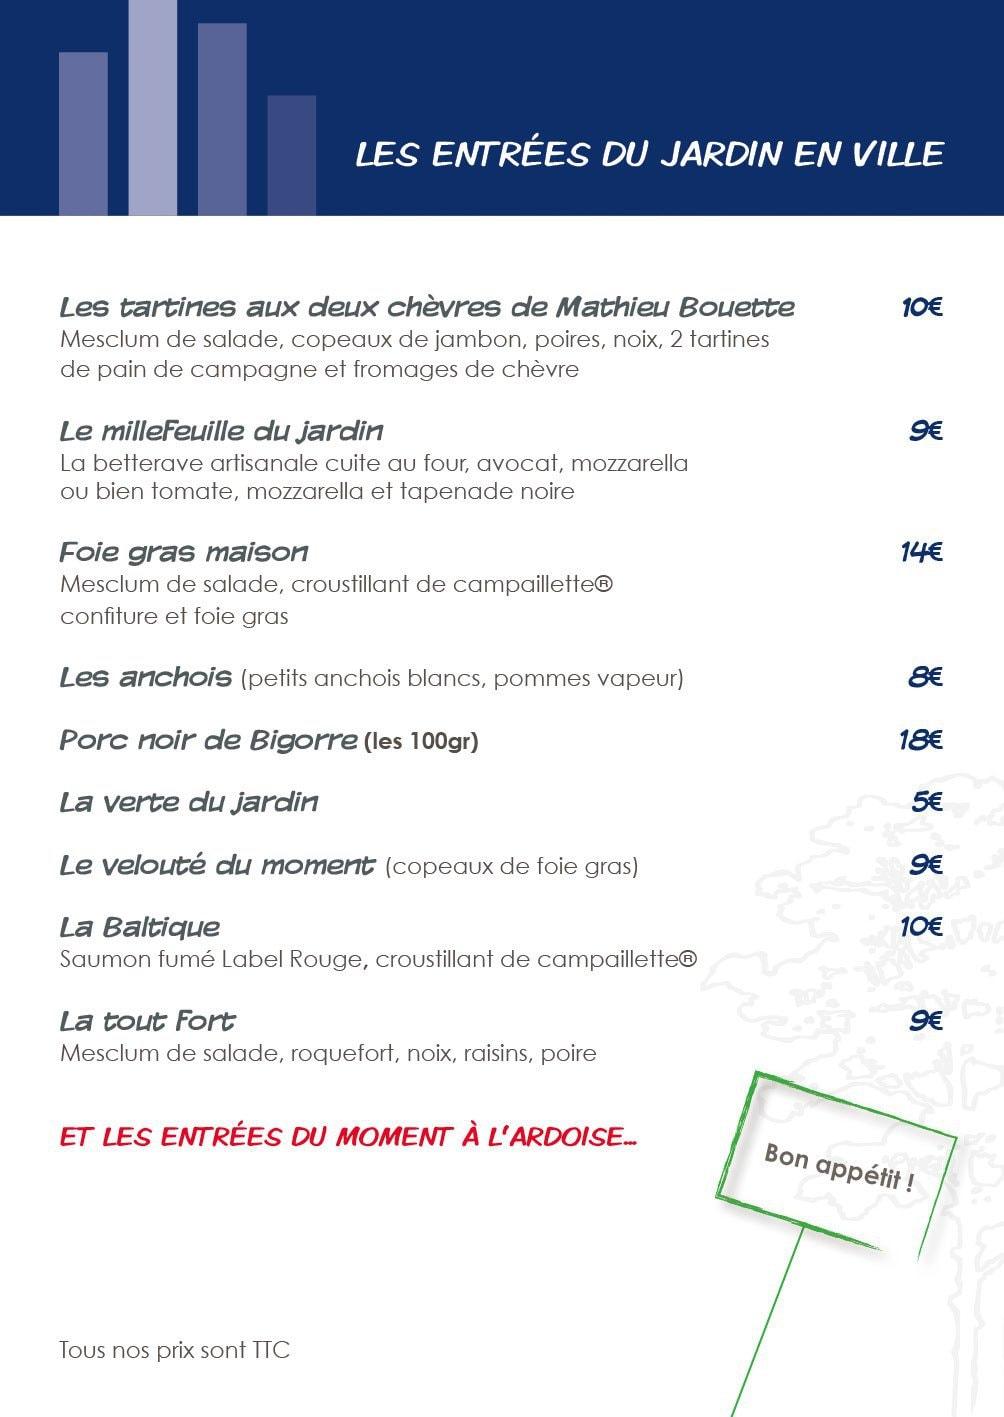 Le jardin en ville carcassonne carte menu et photos - Restaurant le jardin en ville carcassonne ...